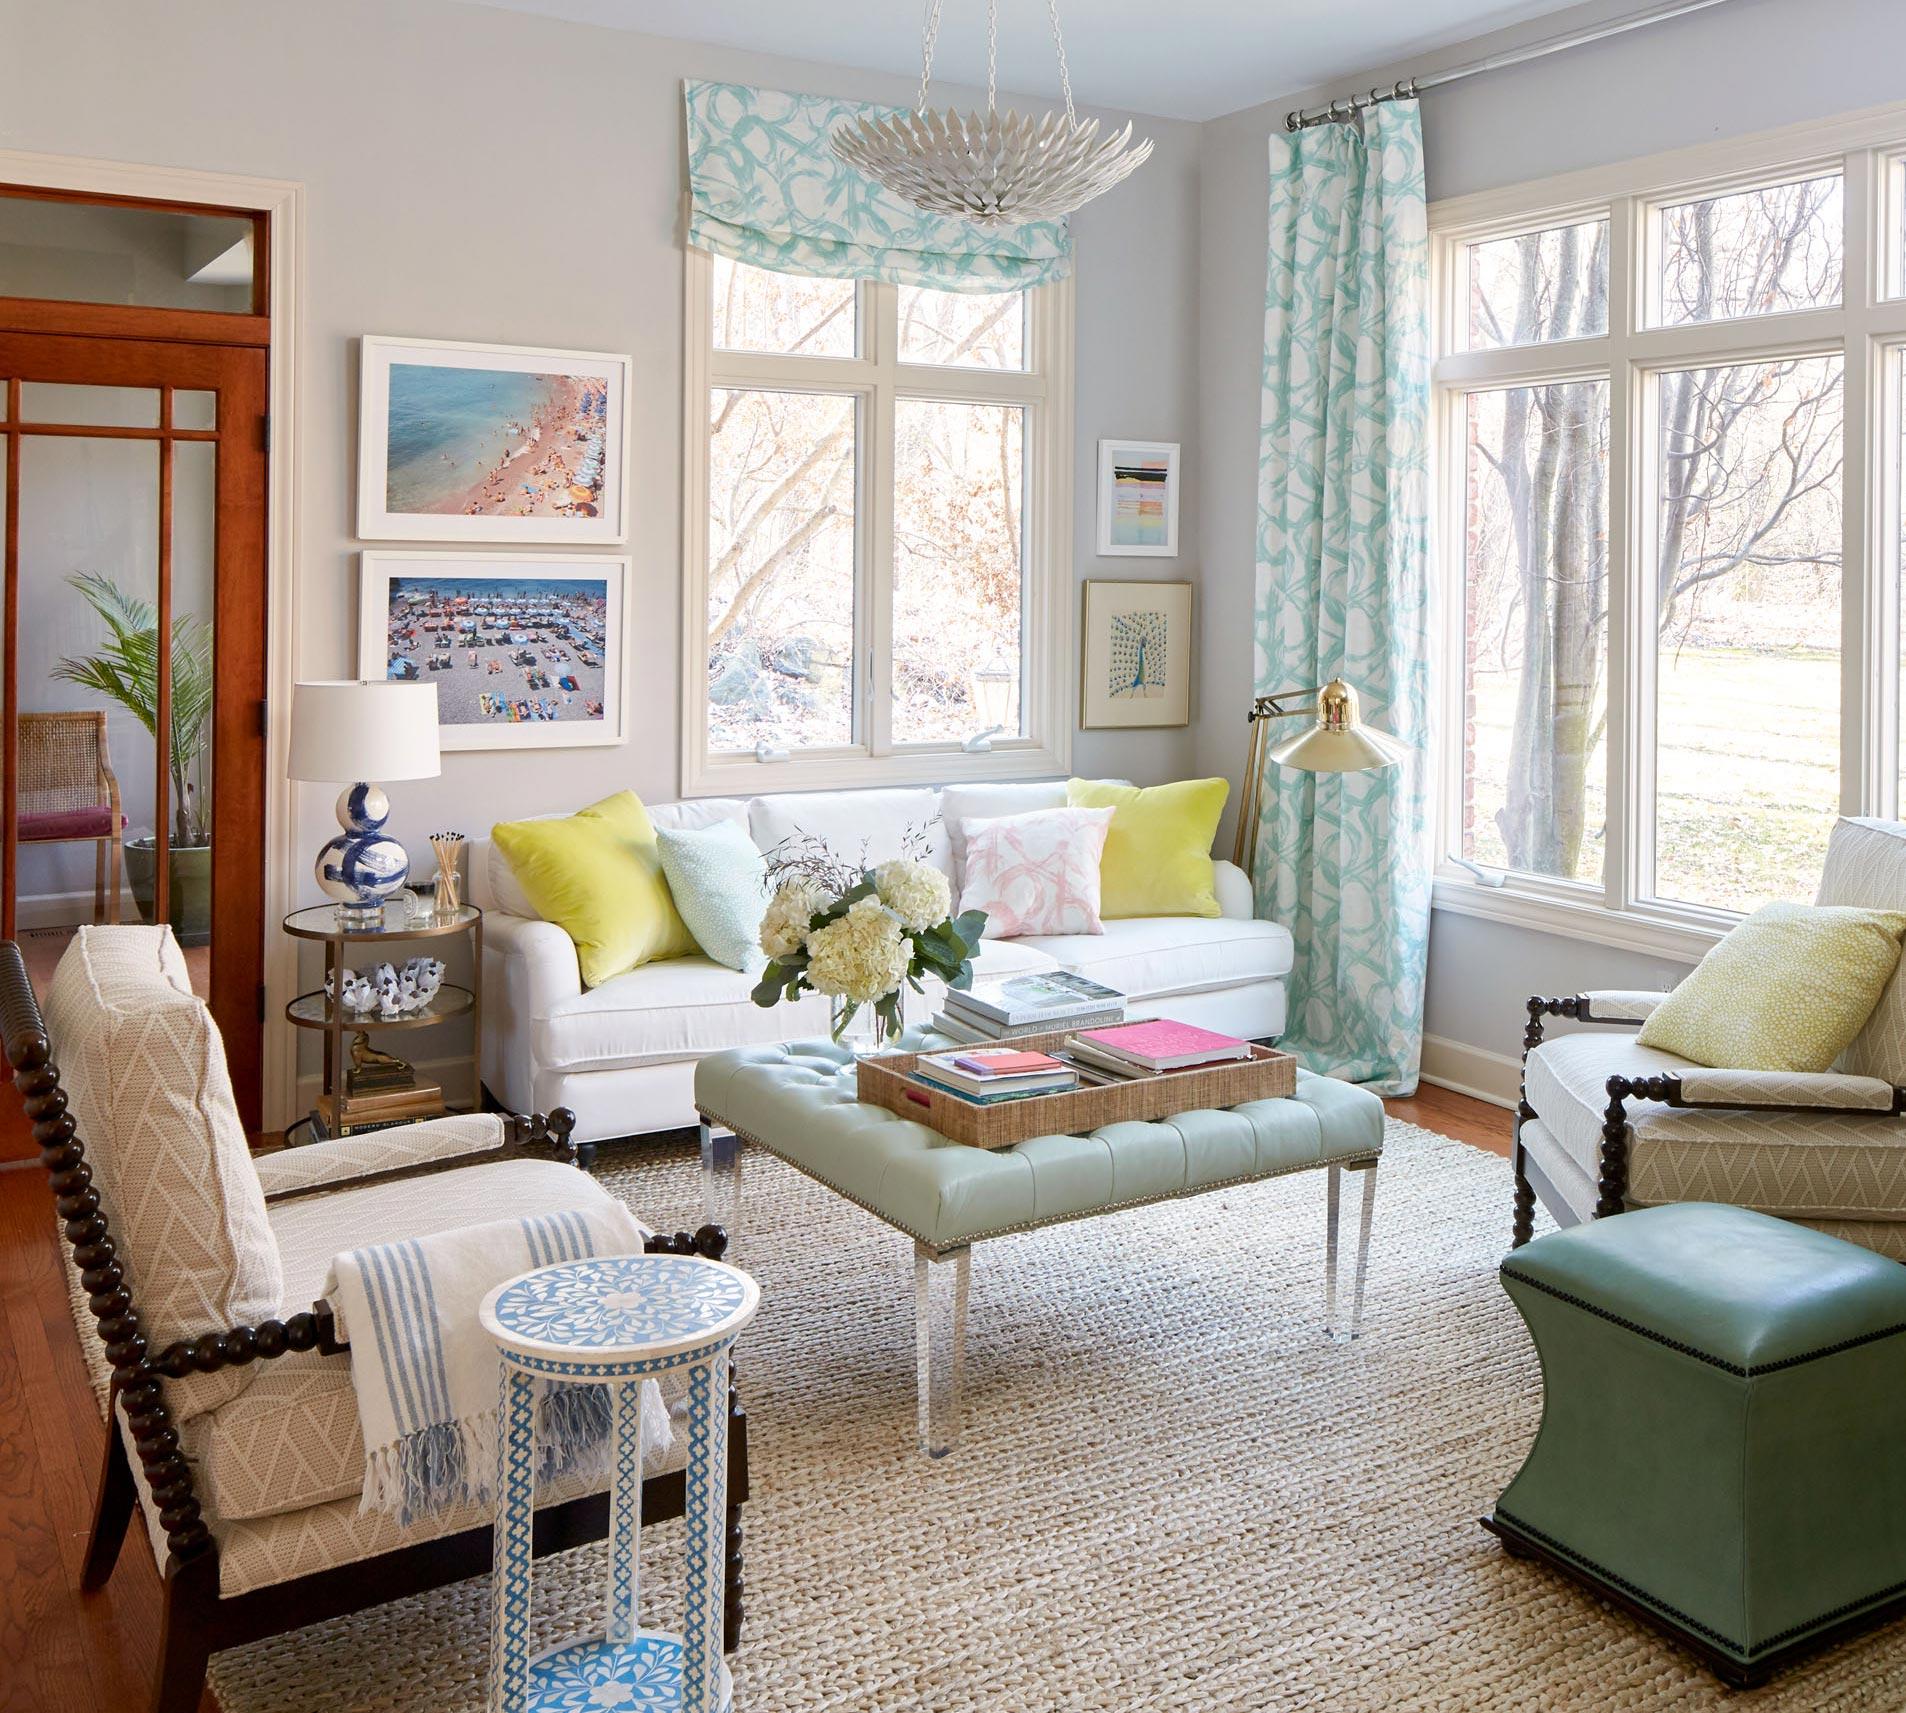 Bek living room